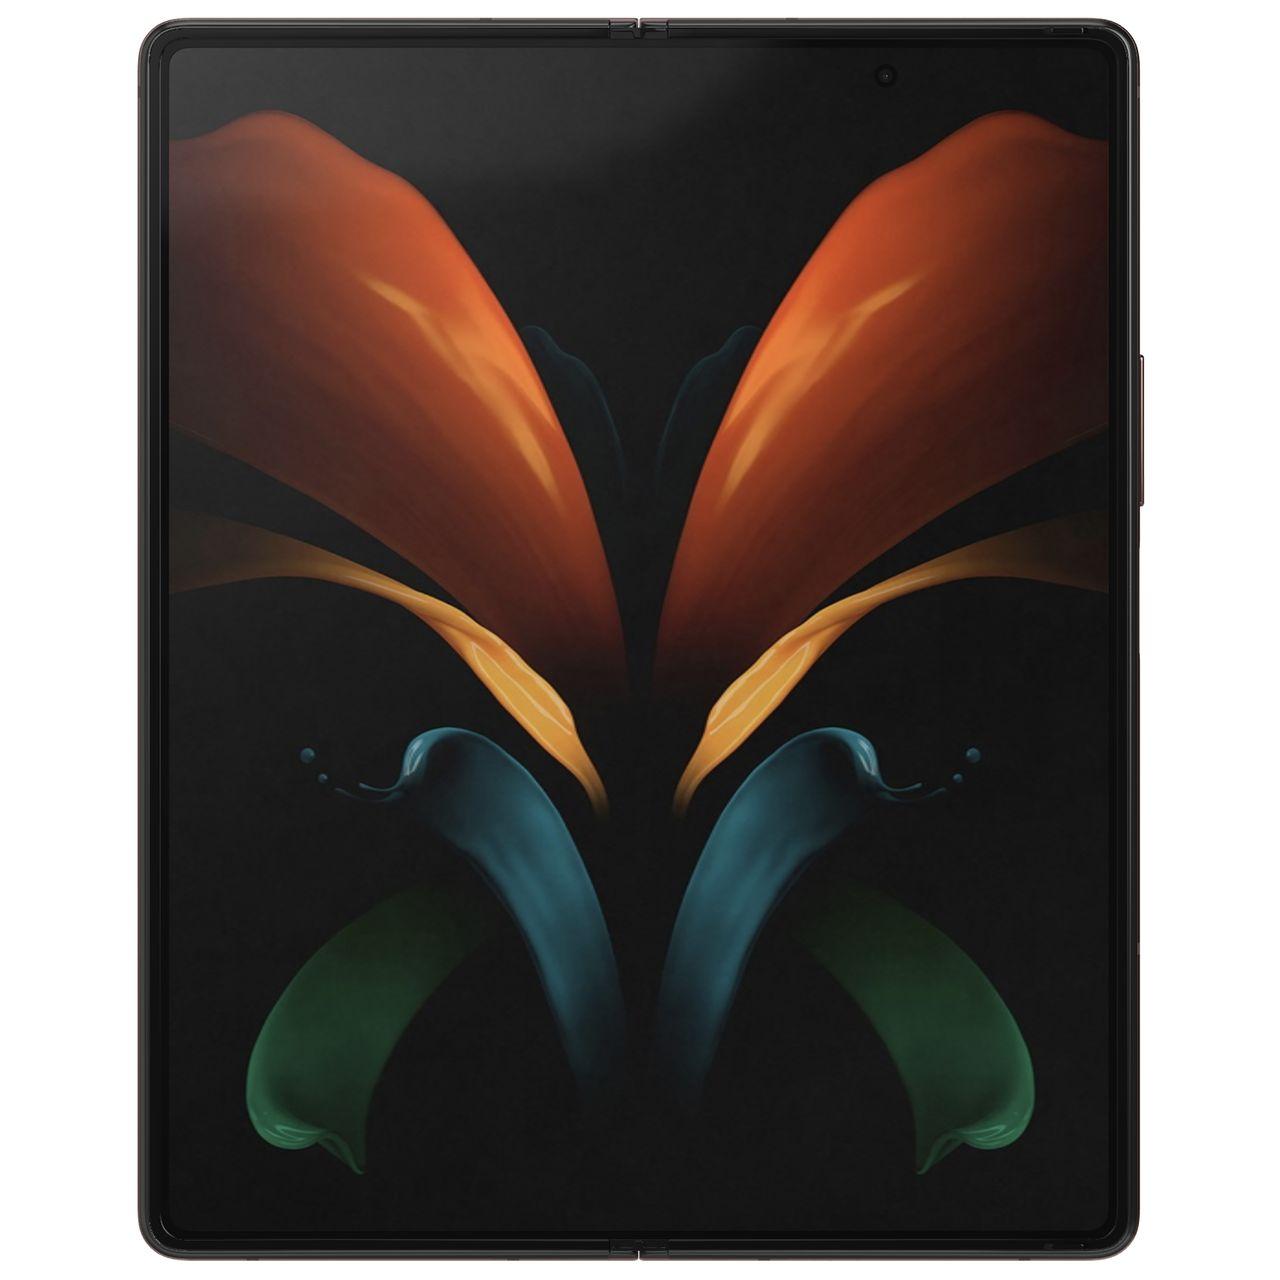 گوشی موبایل سامسونگ مدل Samsung Galaxy Z Fold2 5G SM-F916B دو سیمکارت ظرفیت ۲۵۶ گیگابایت و رم ۱۲ گیگابایت